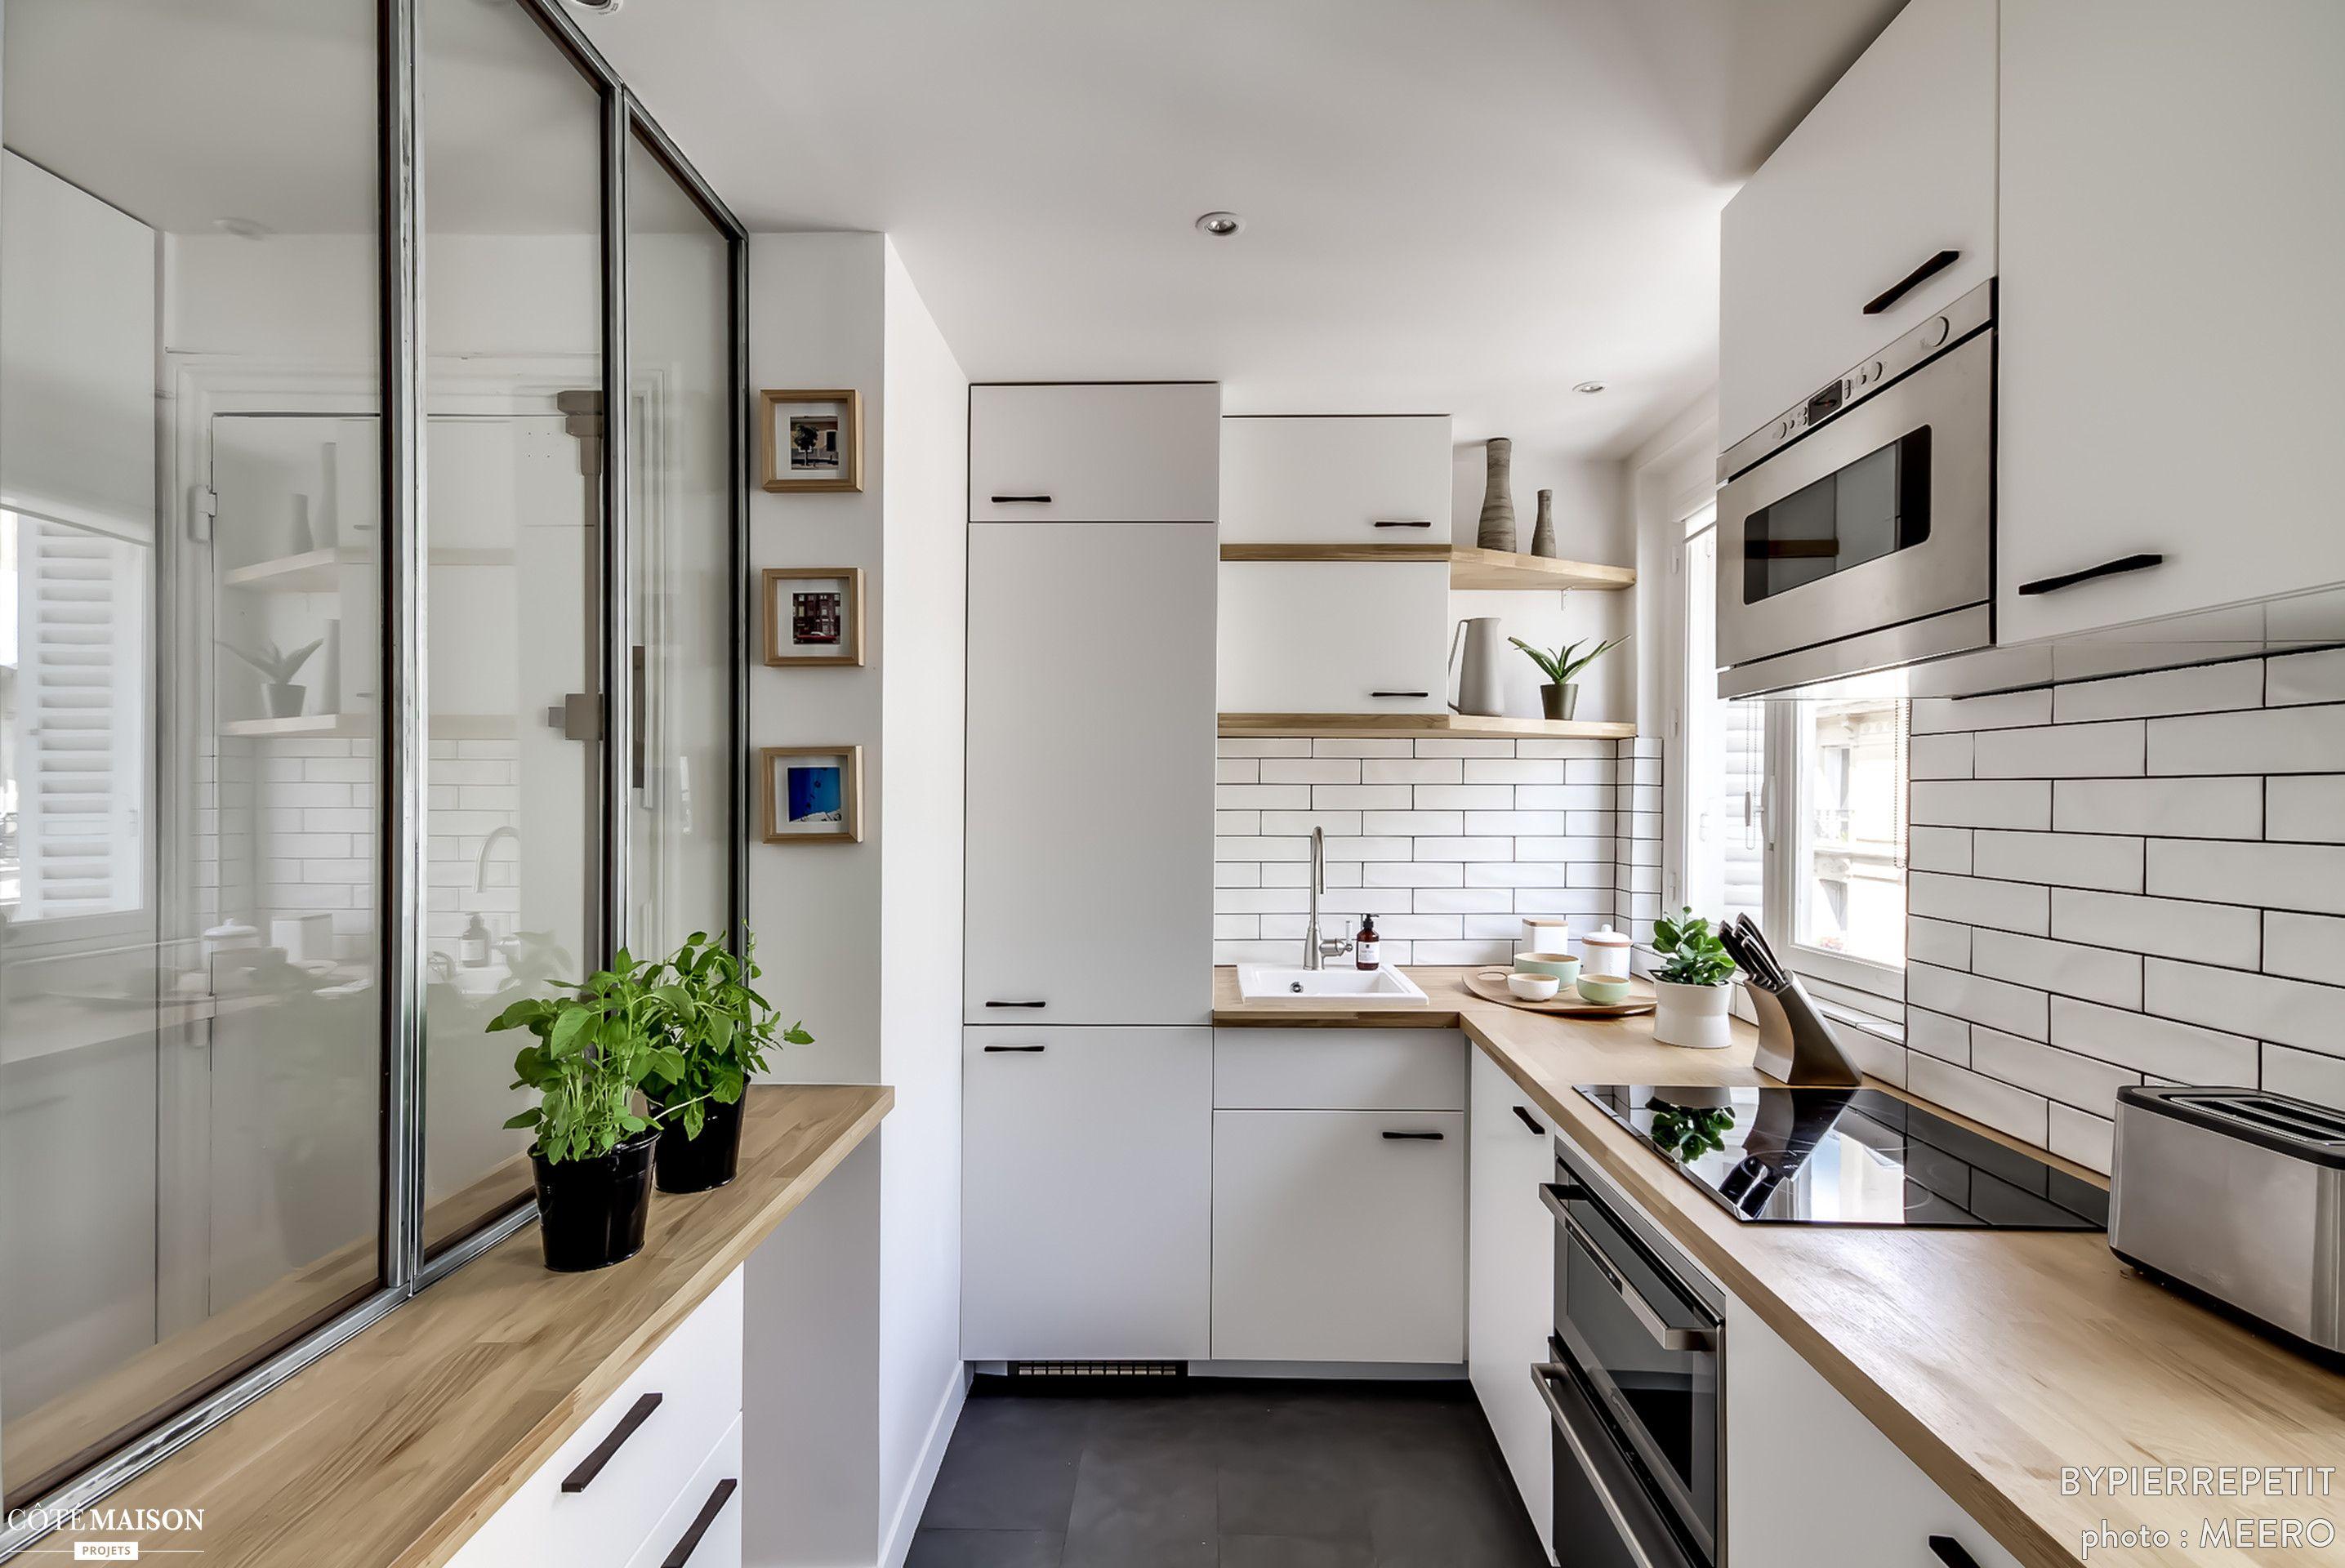 Petit appartement de 38 m2 enti rement revu et corrig - Appartement ikea ...